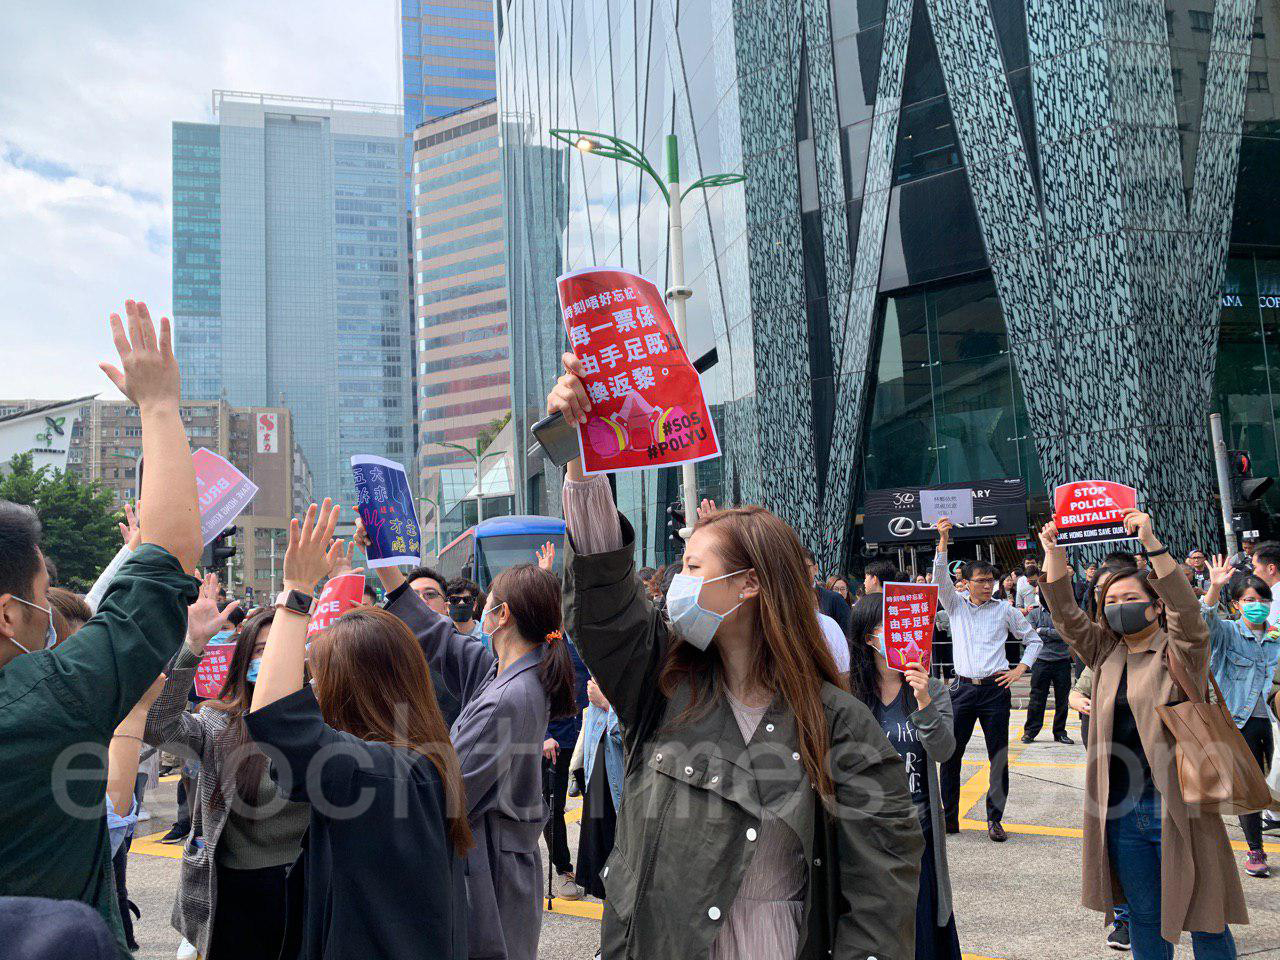 26日午時左右,中環上班族發起「和你lunch」行動聲援理大抗爭學生。(韓納/大紀元)